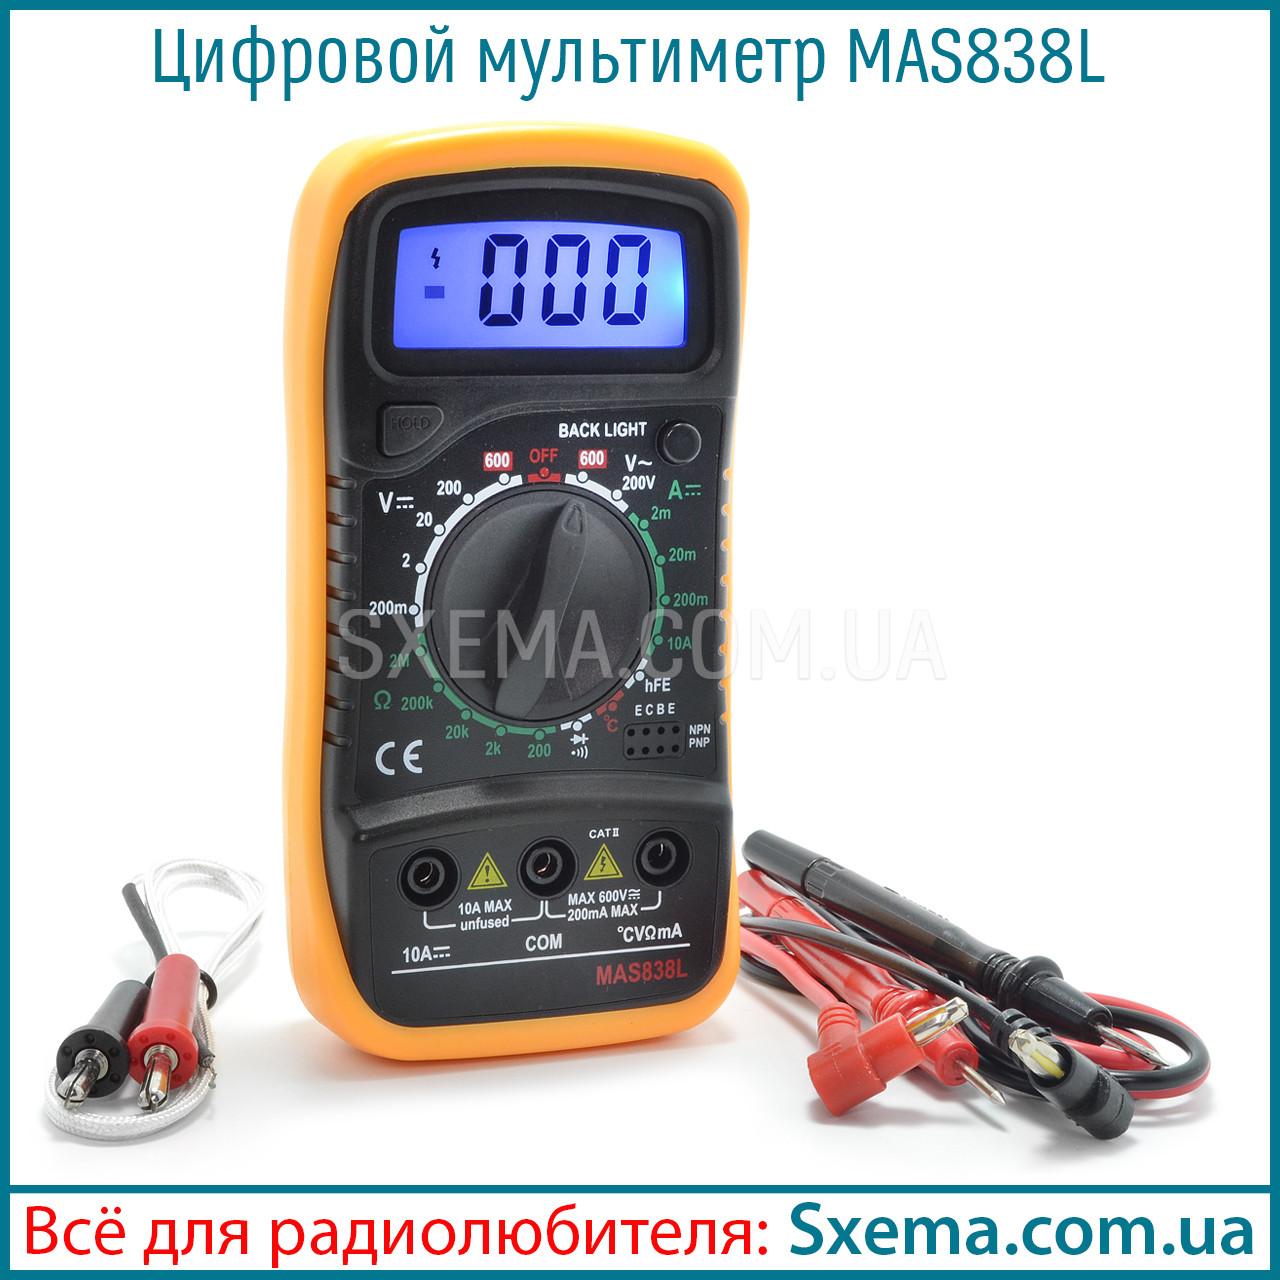 Мультиметр MAS838L с термопарой и прозвонкой